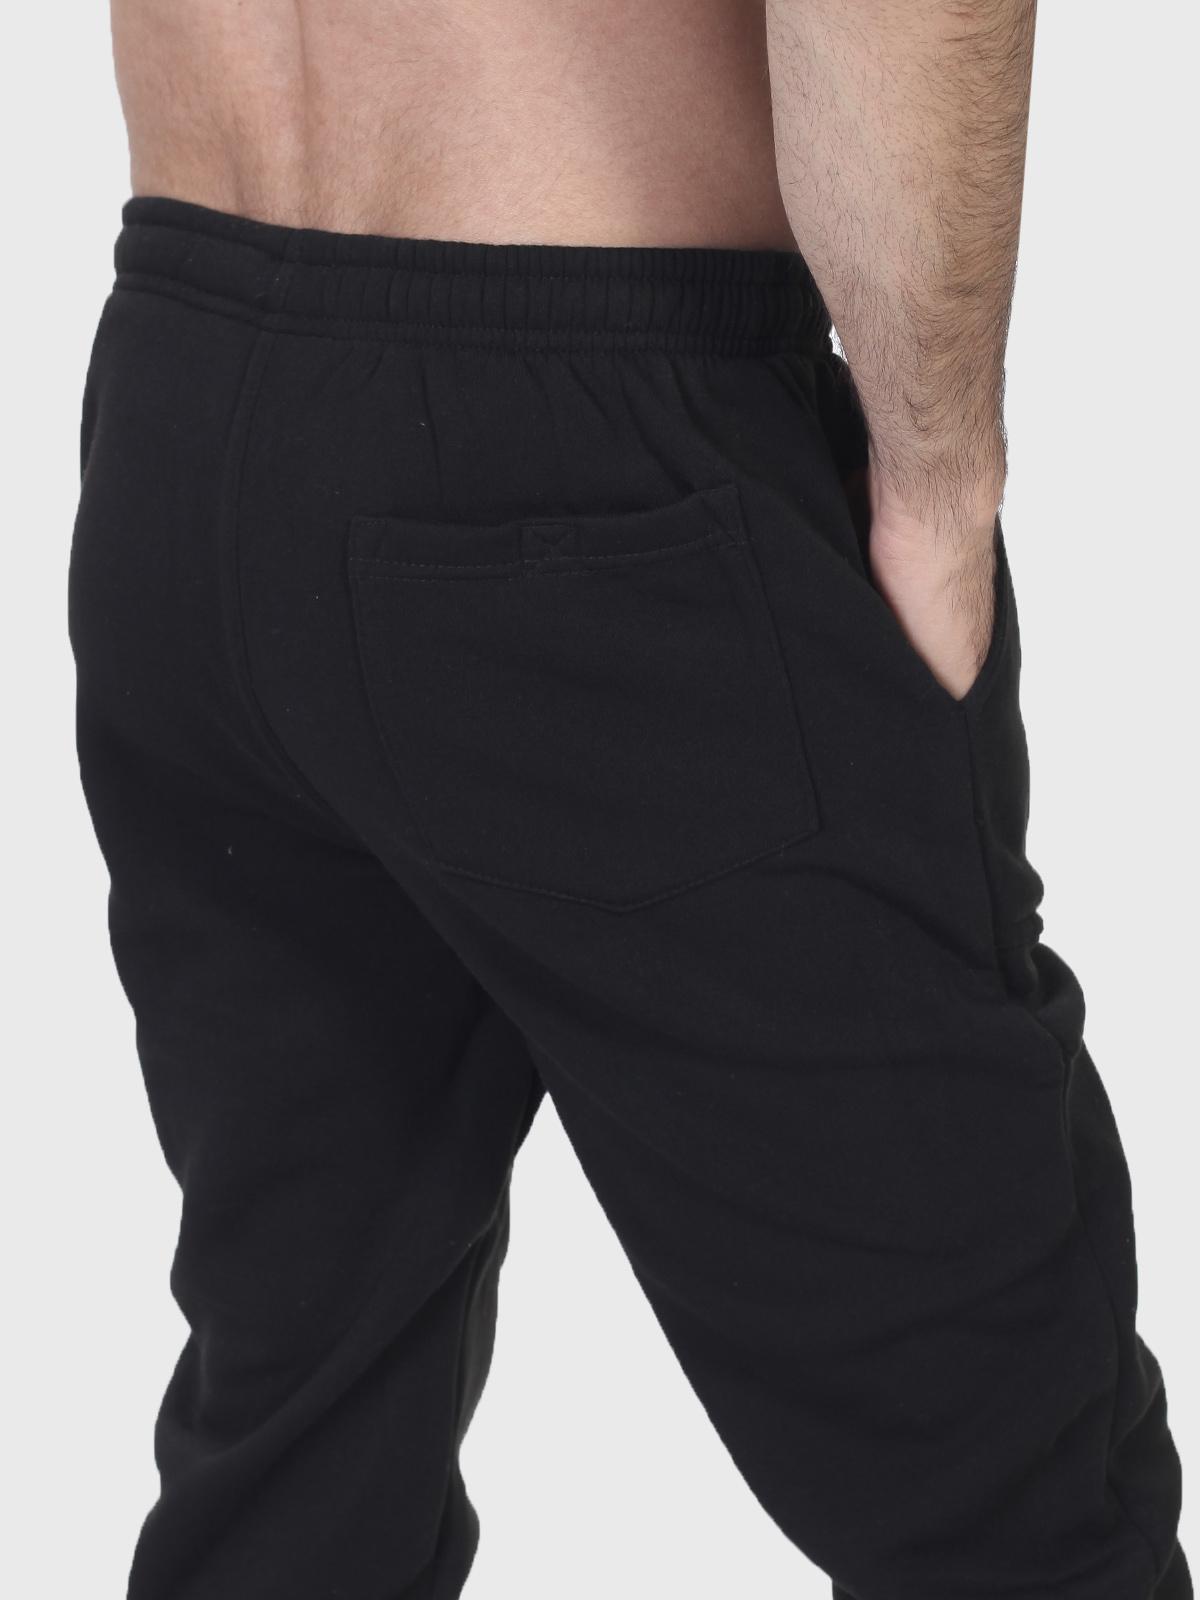 Черные утепленные спортивные штаны ВКС с удобной доставкой